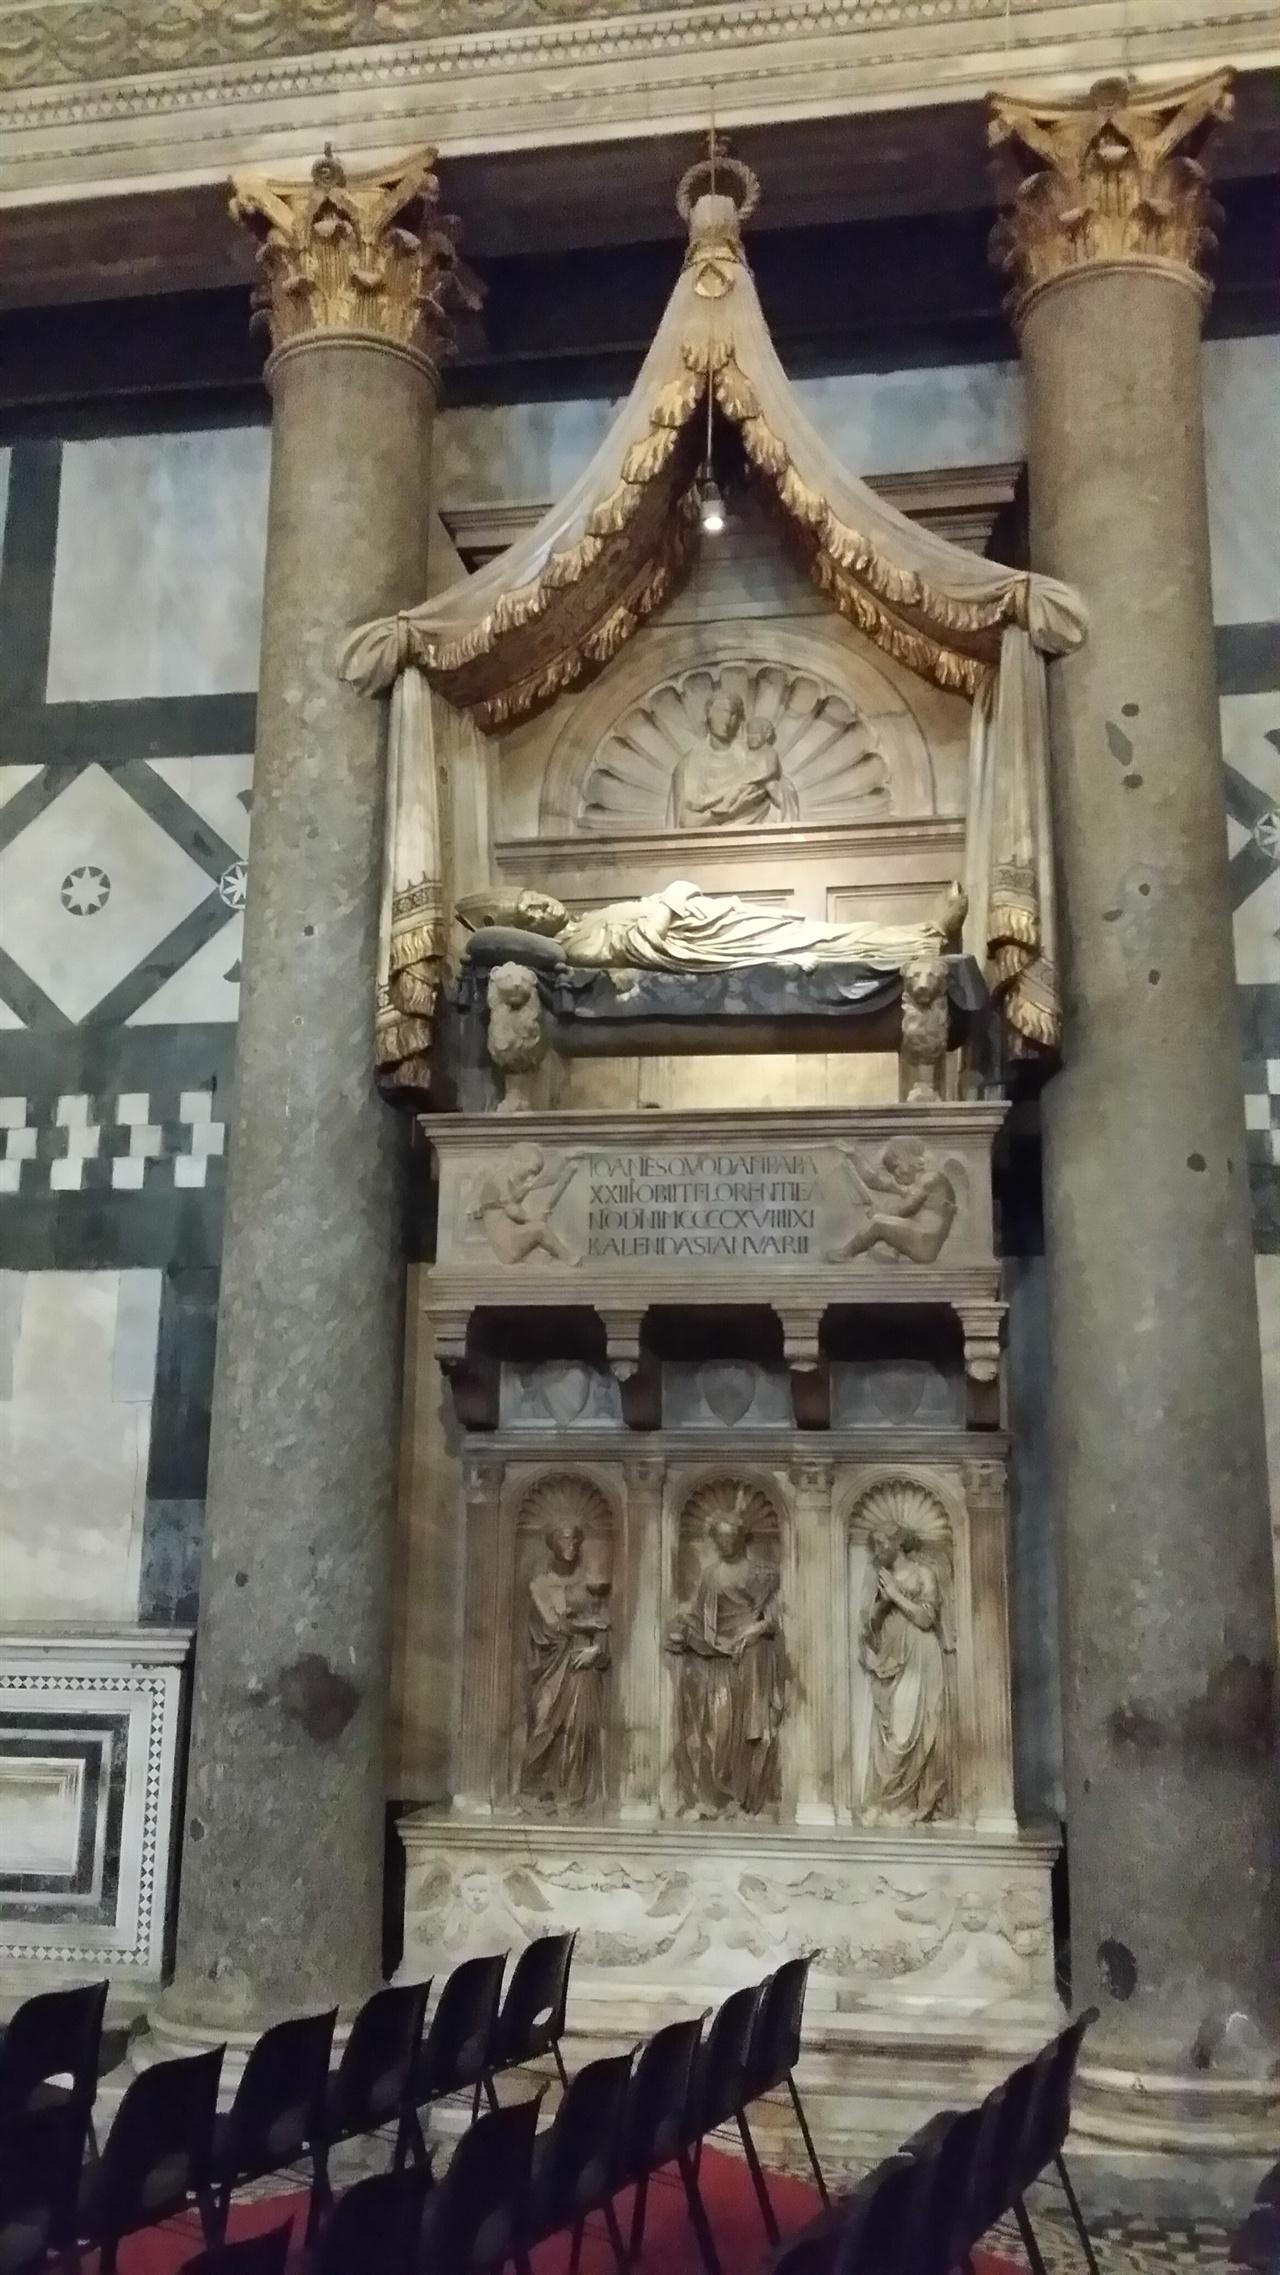 요하네스 23세의 무덤 도나텔로의 작품이다. 산 조반니 세례당